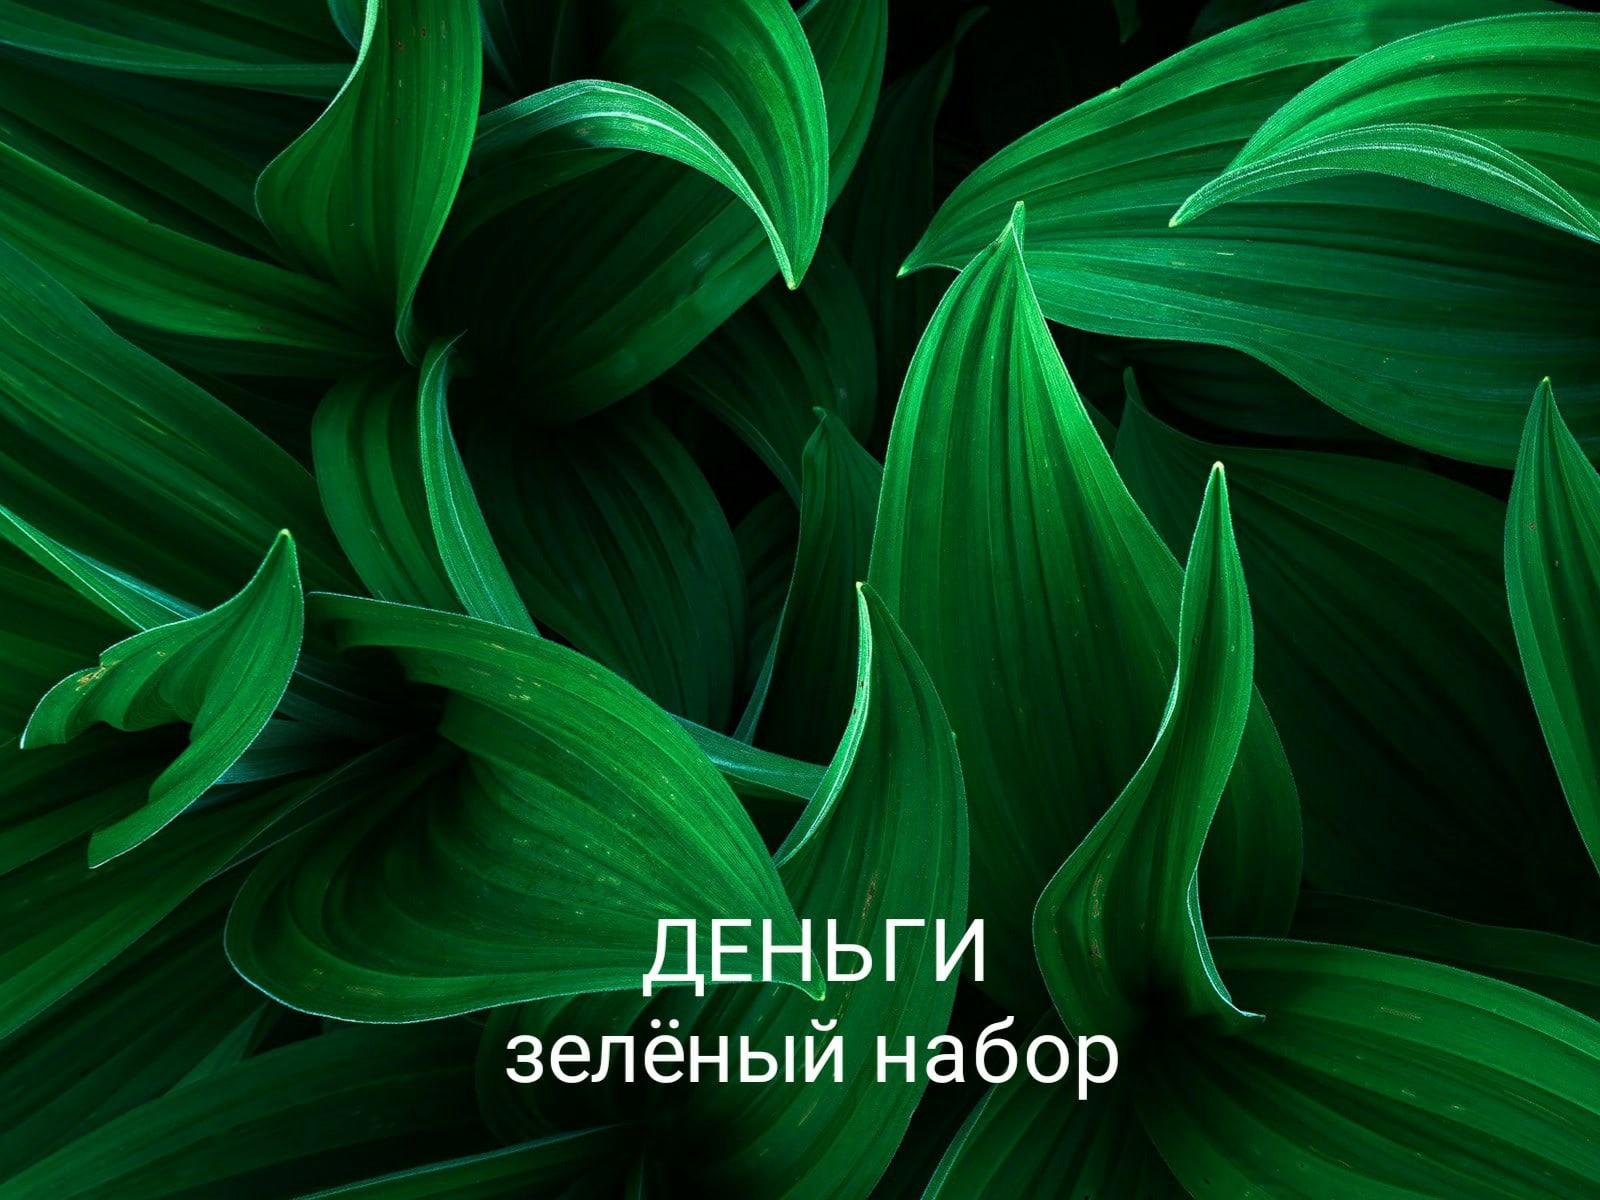 Хештег магия на   Салон Магии и Мистики Елены Руденко. Киев ,тел: +380506251562 C3-IZ3iSLF4